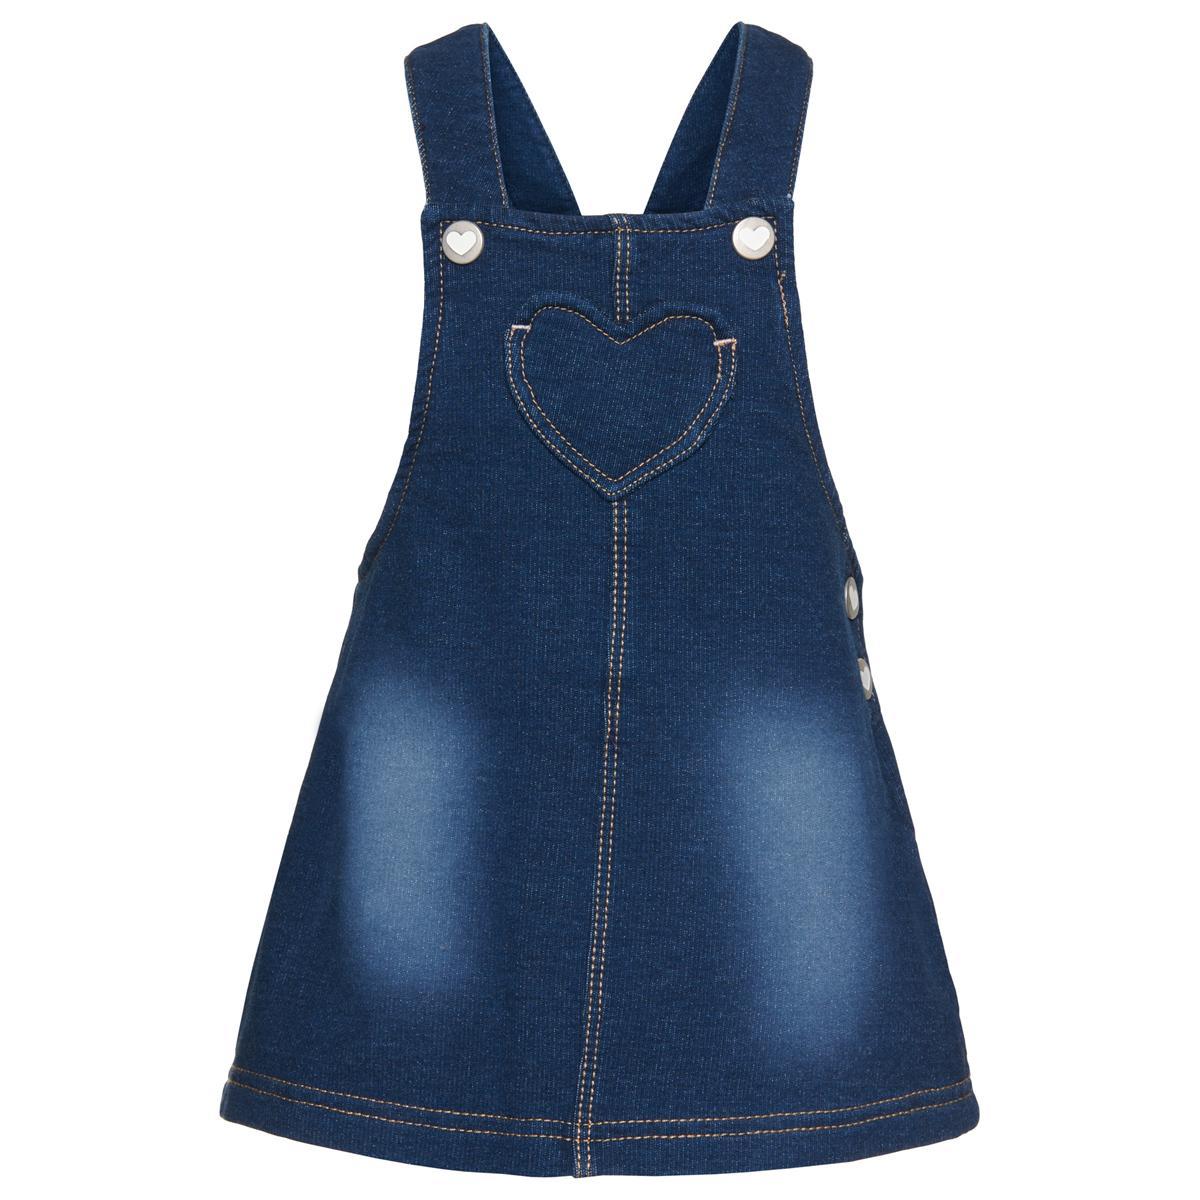 Сарафан5019158.00.21_1095Стильный джинсовый сарафан с эффектом потертости ткани. Расклешенный покрой. Отстрочка контрастного цвета. Модель оформлена нагрудным карманом в форме сердца.